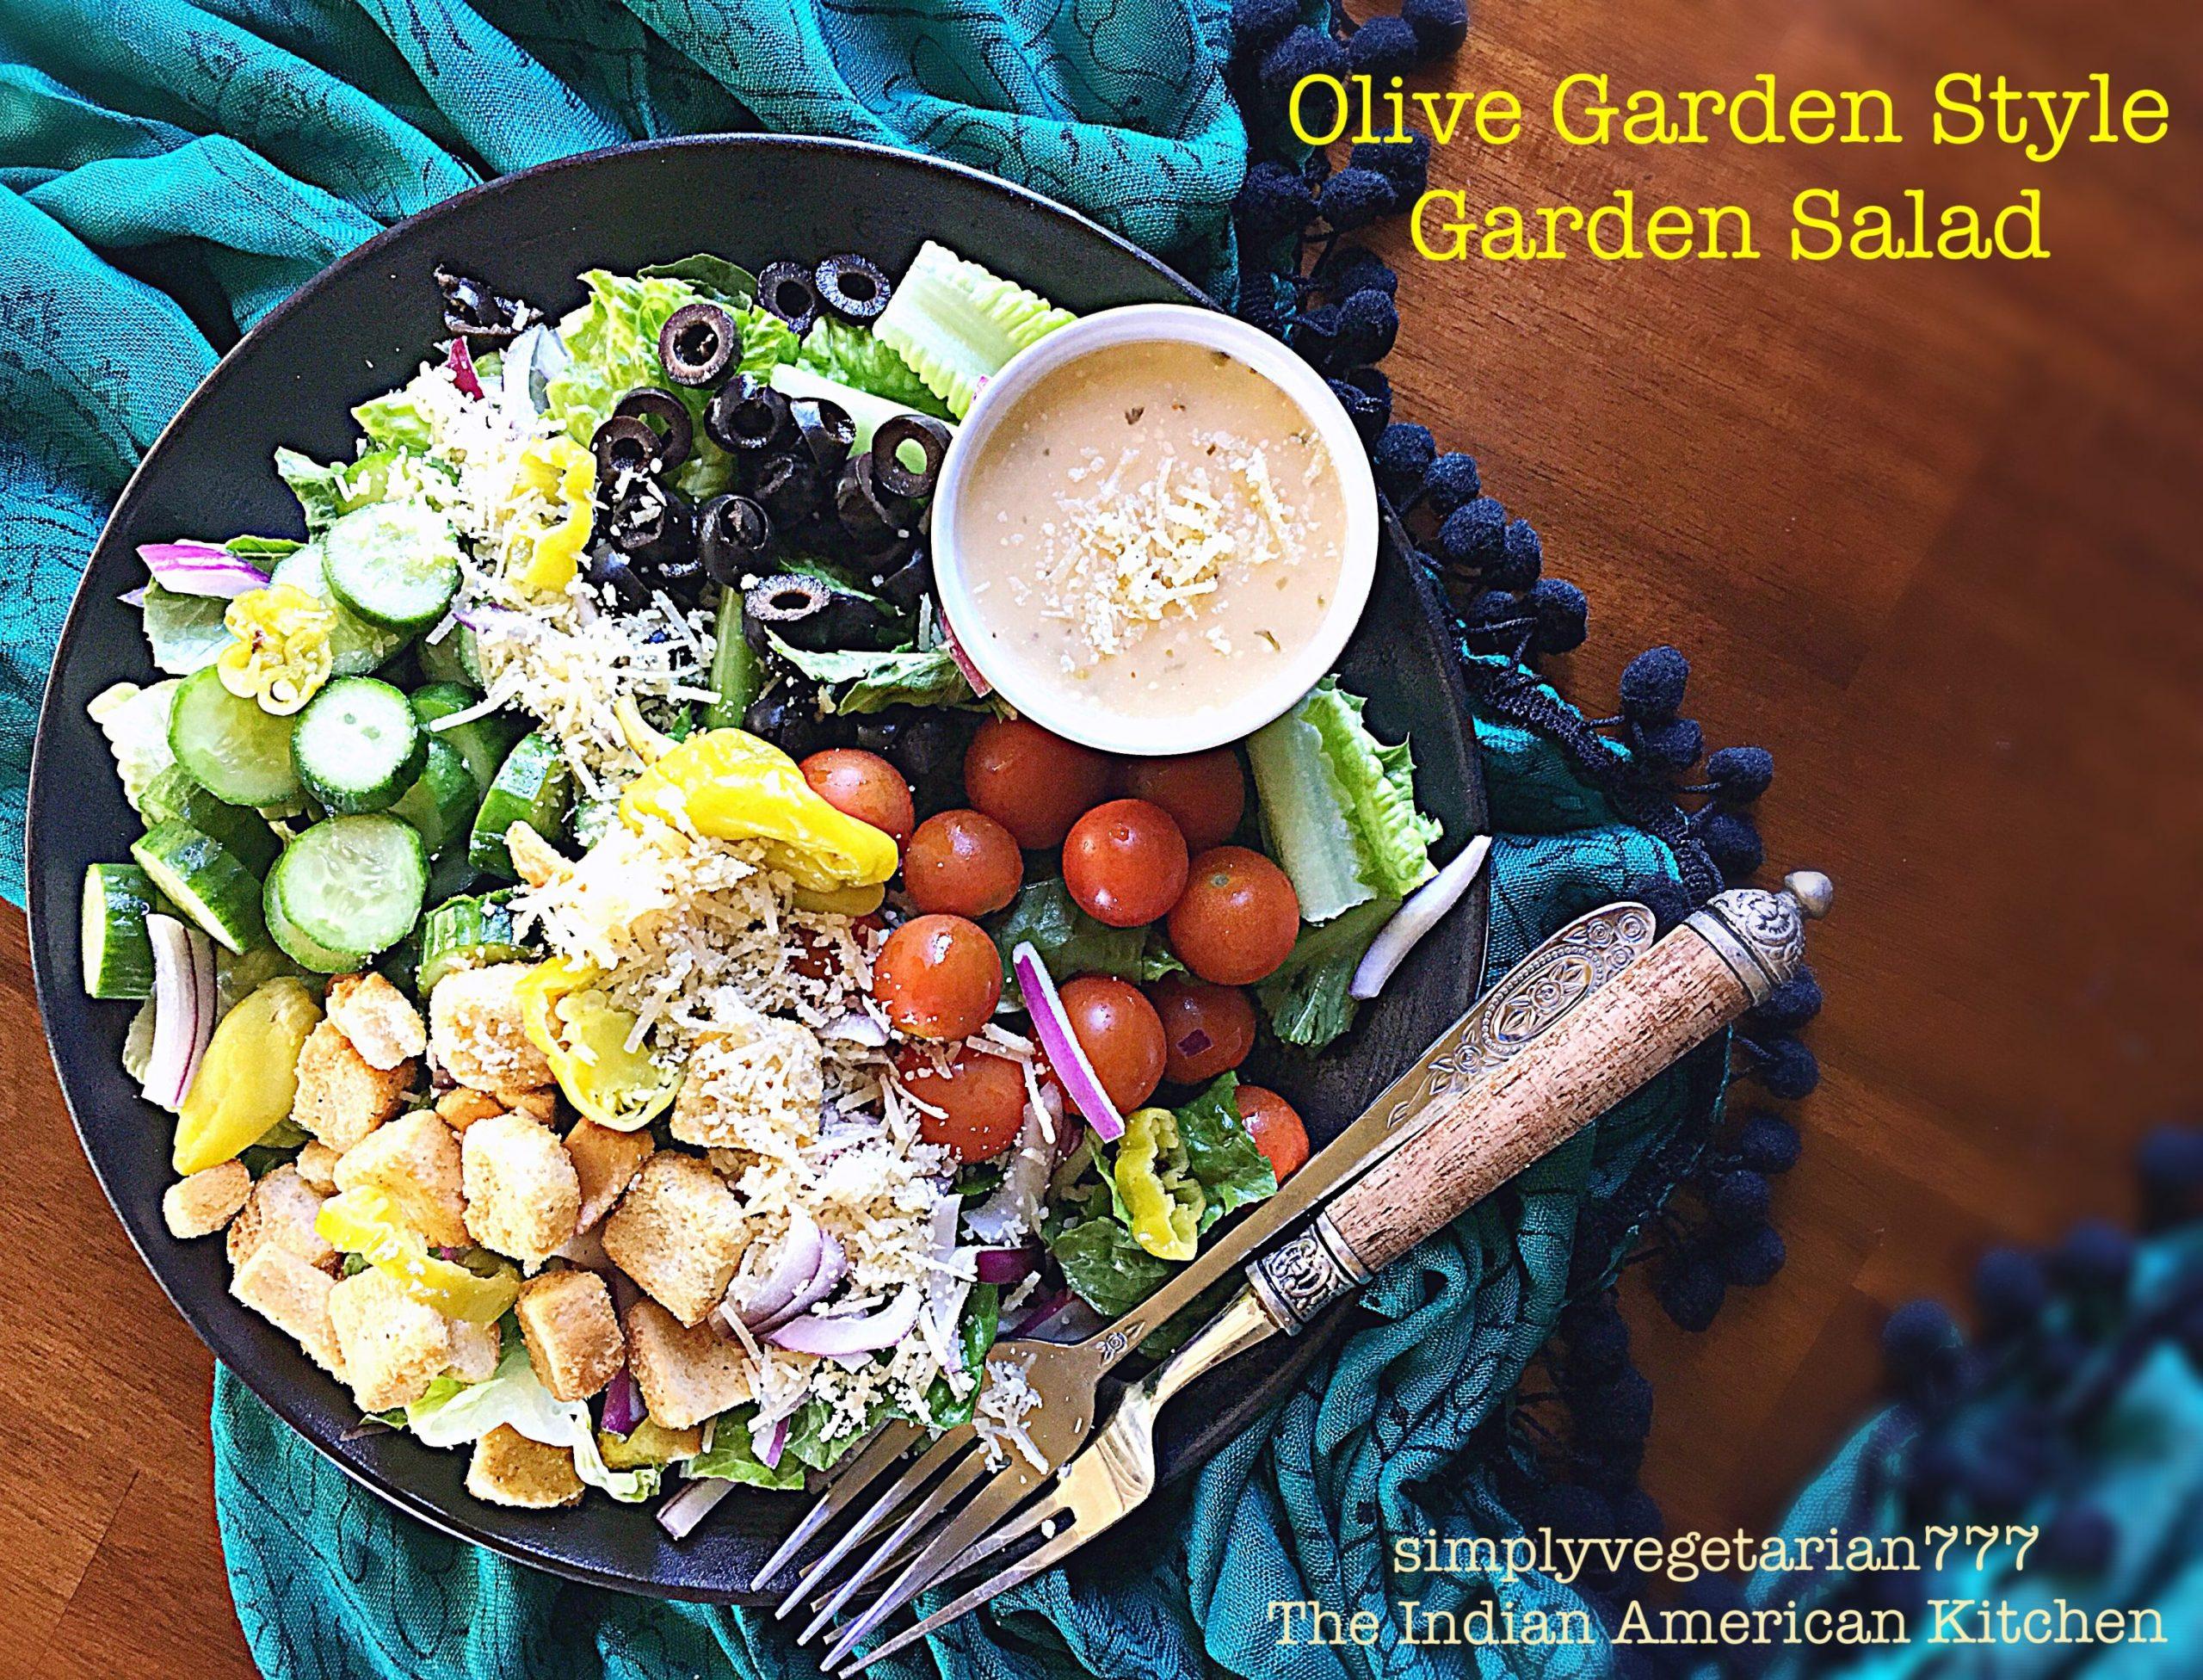 Olive Garden Style Garden Salad